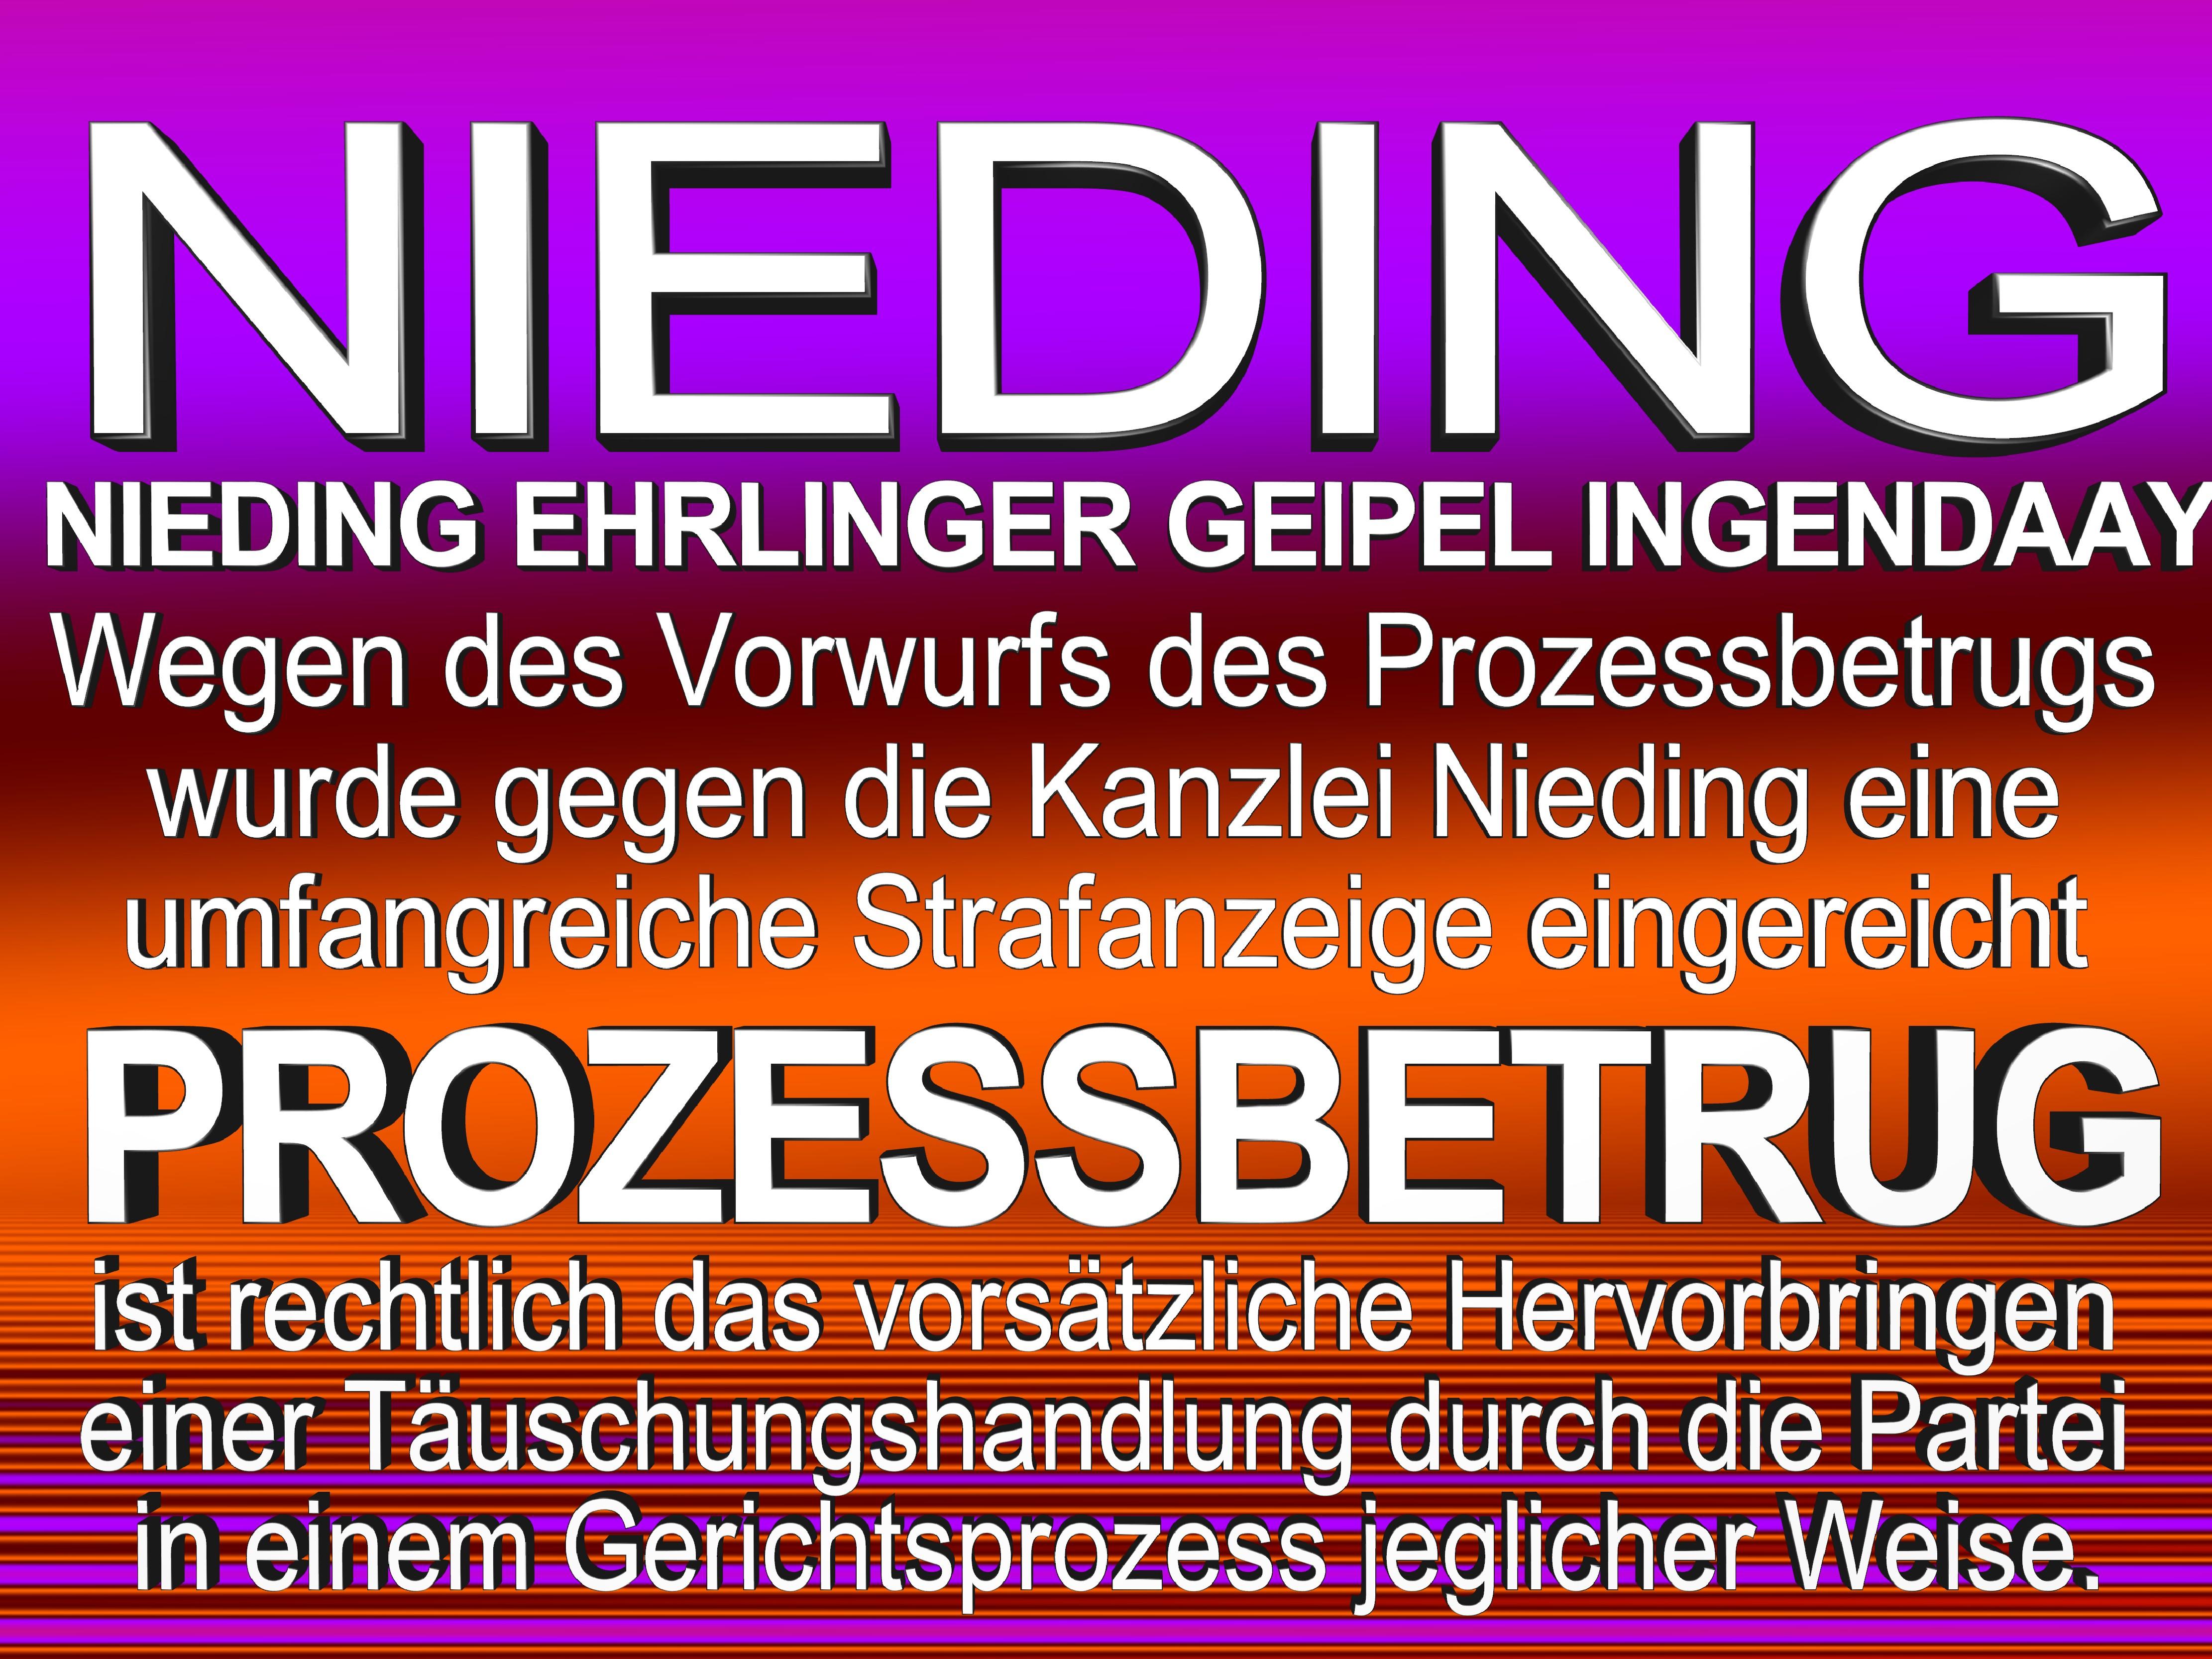 NIEDING EHRLINGER GEIPEL INGENDAAY LELKE Kurfürstendamm 66 Berlin (2)